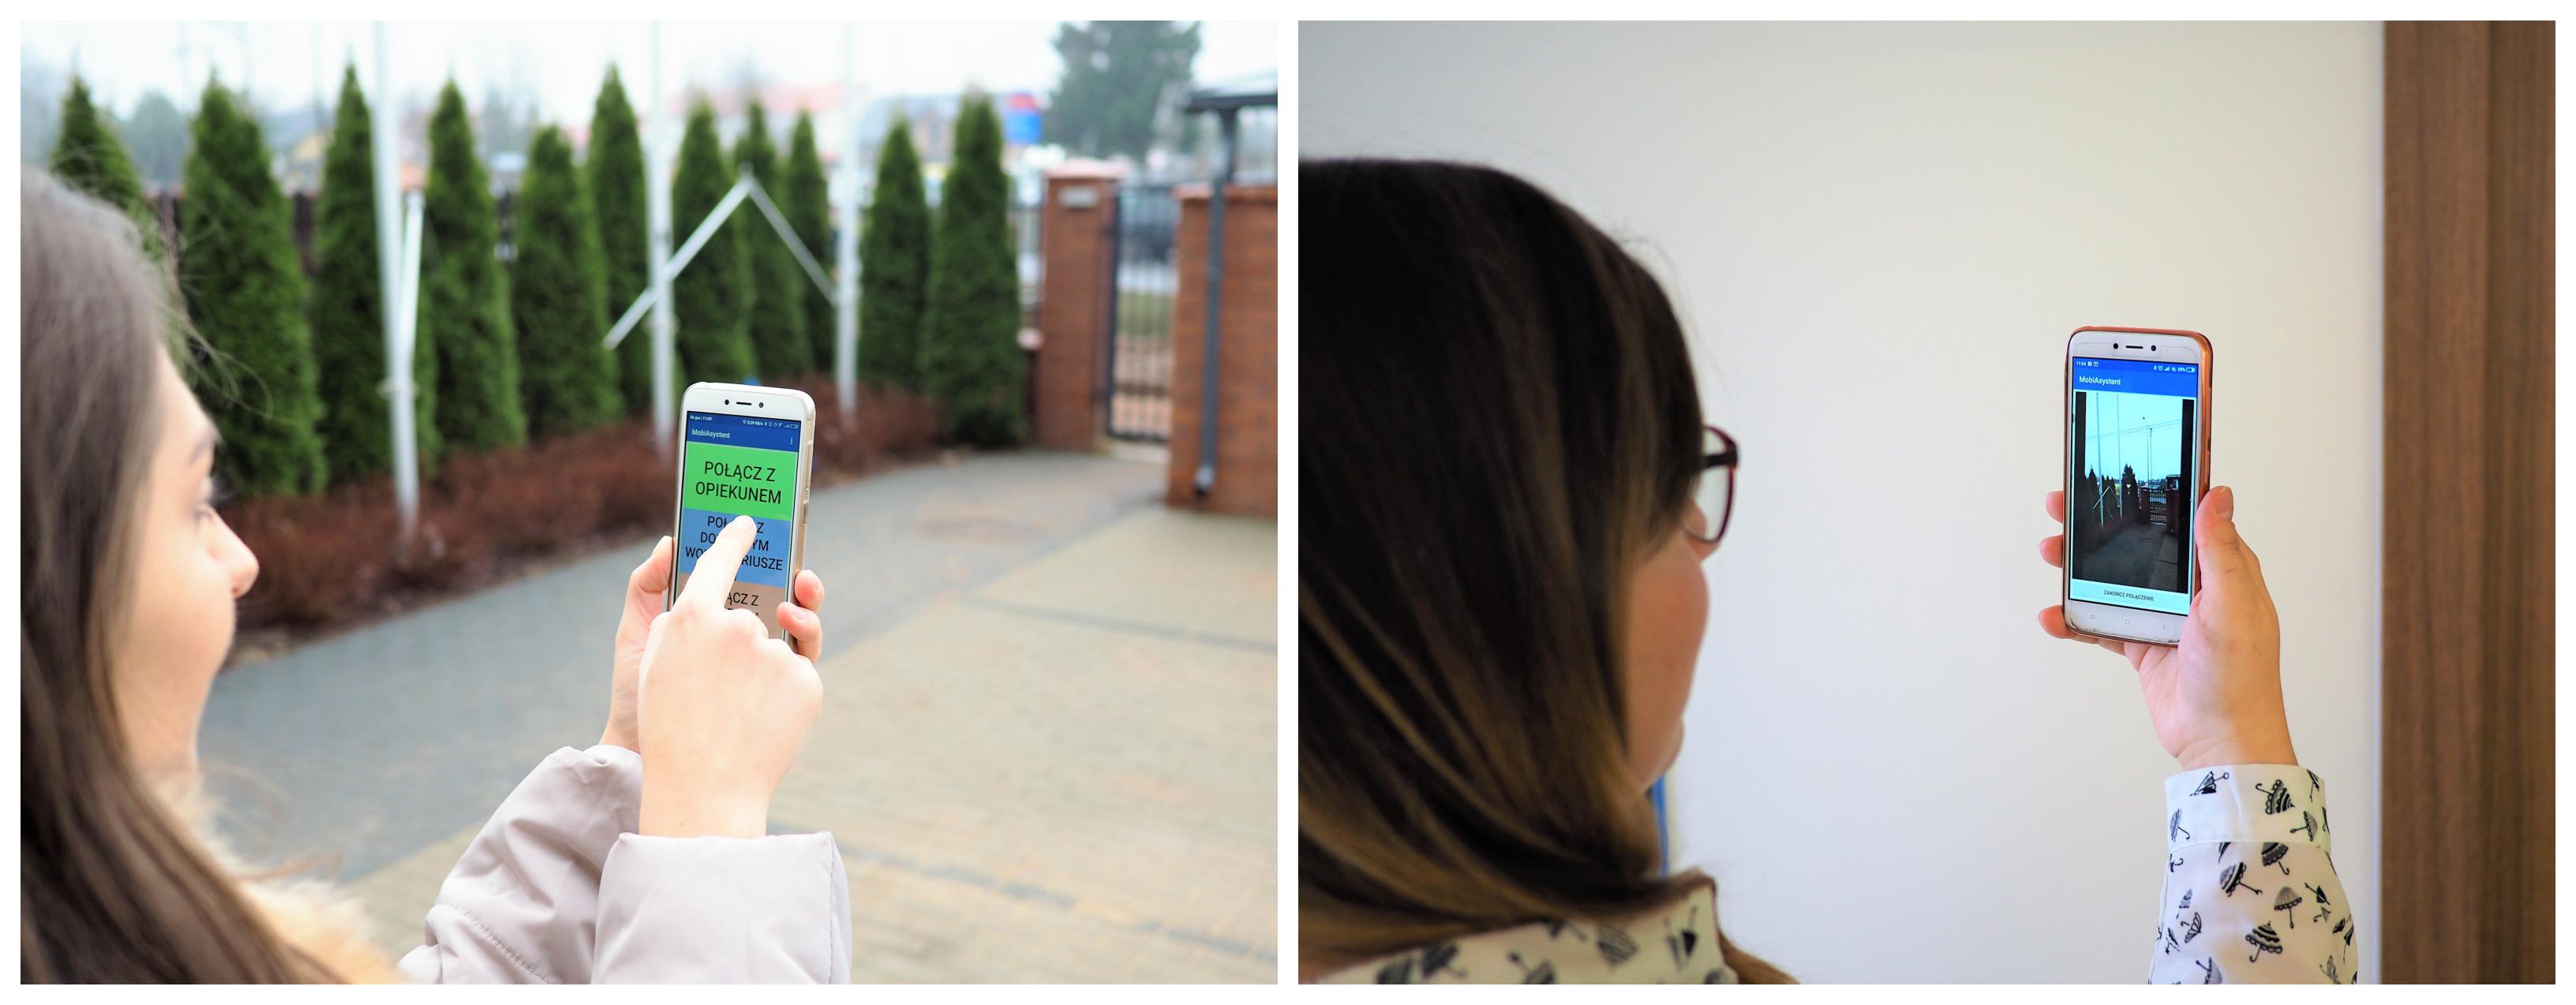 dwa zdjęcia obok siebie: na jednym dziewczyna na zewnątrz trzyma telefon i dotyka placem aplikację, na drugim zdj. inna dziewczyna robi to samo w pomieszczeniu